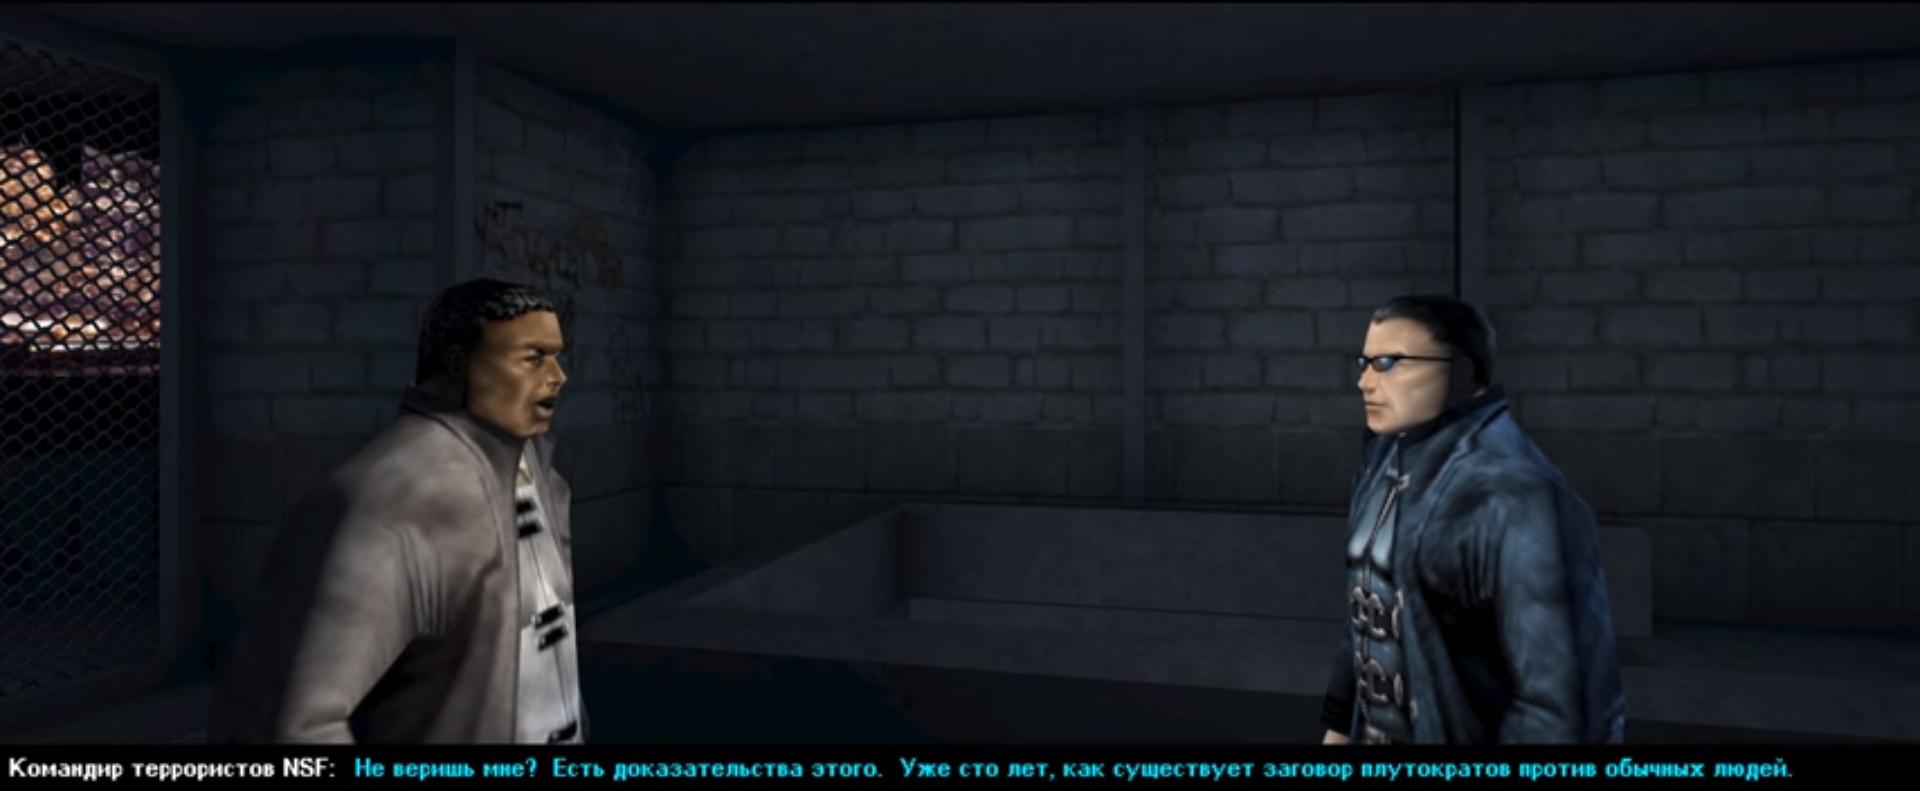 Минутка политэкономии в культовой компьютерной киберпанк-игре Deus Ex (2000).